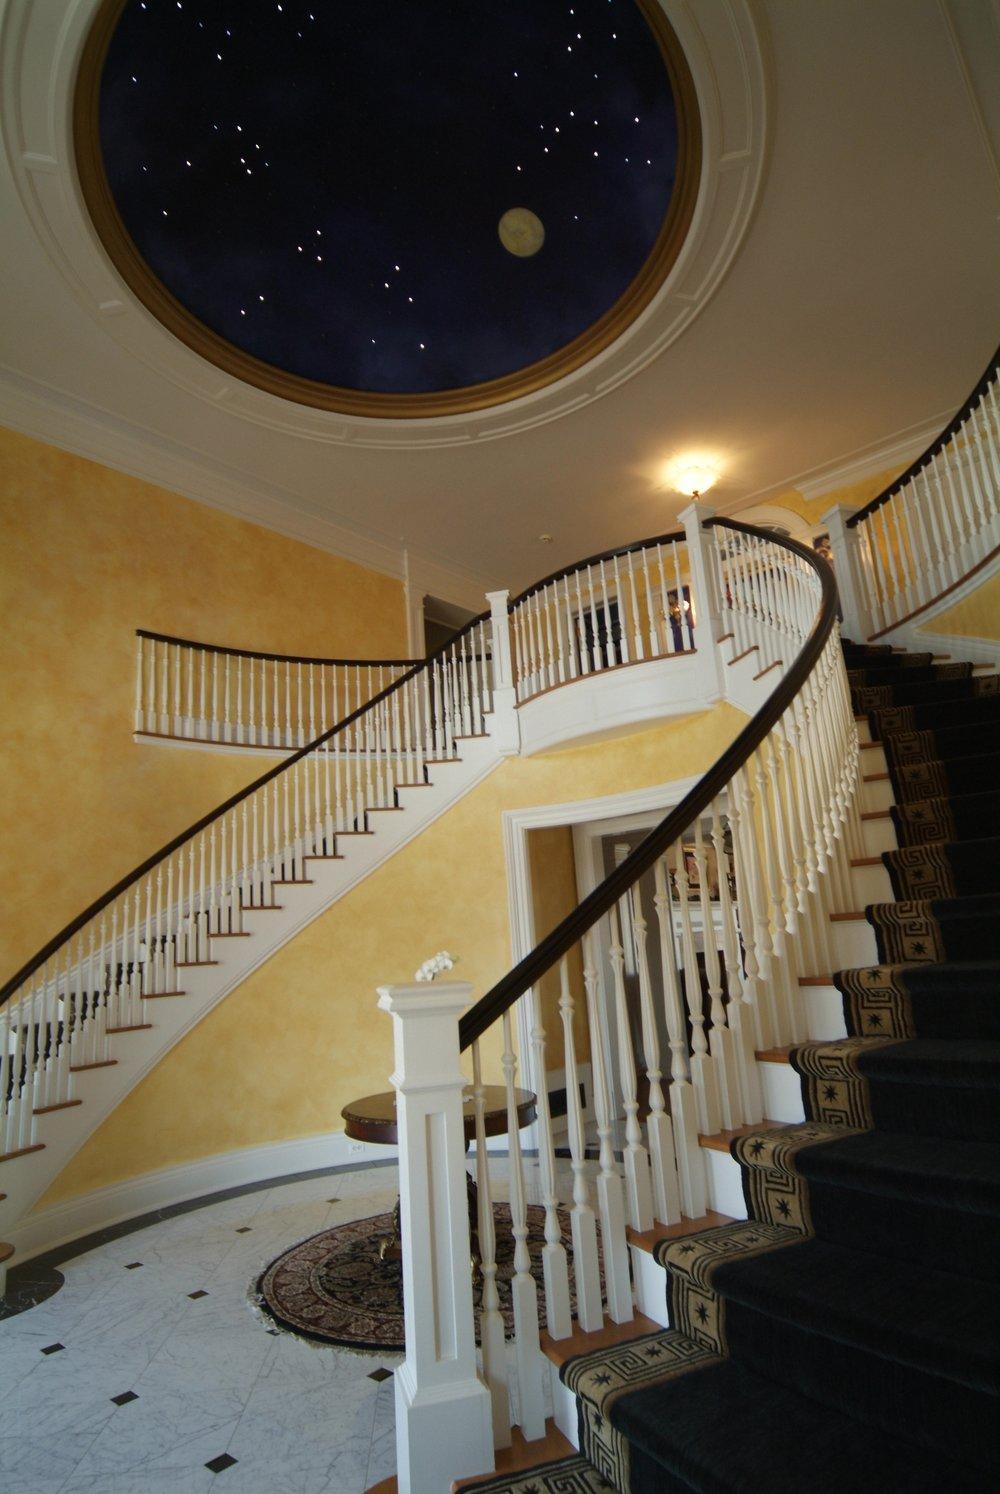 bstairway-ar.jpg